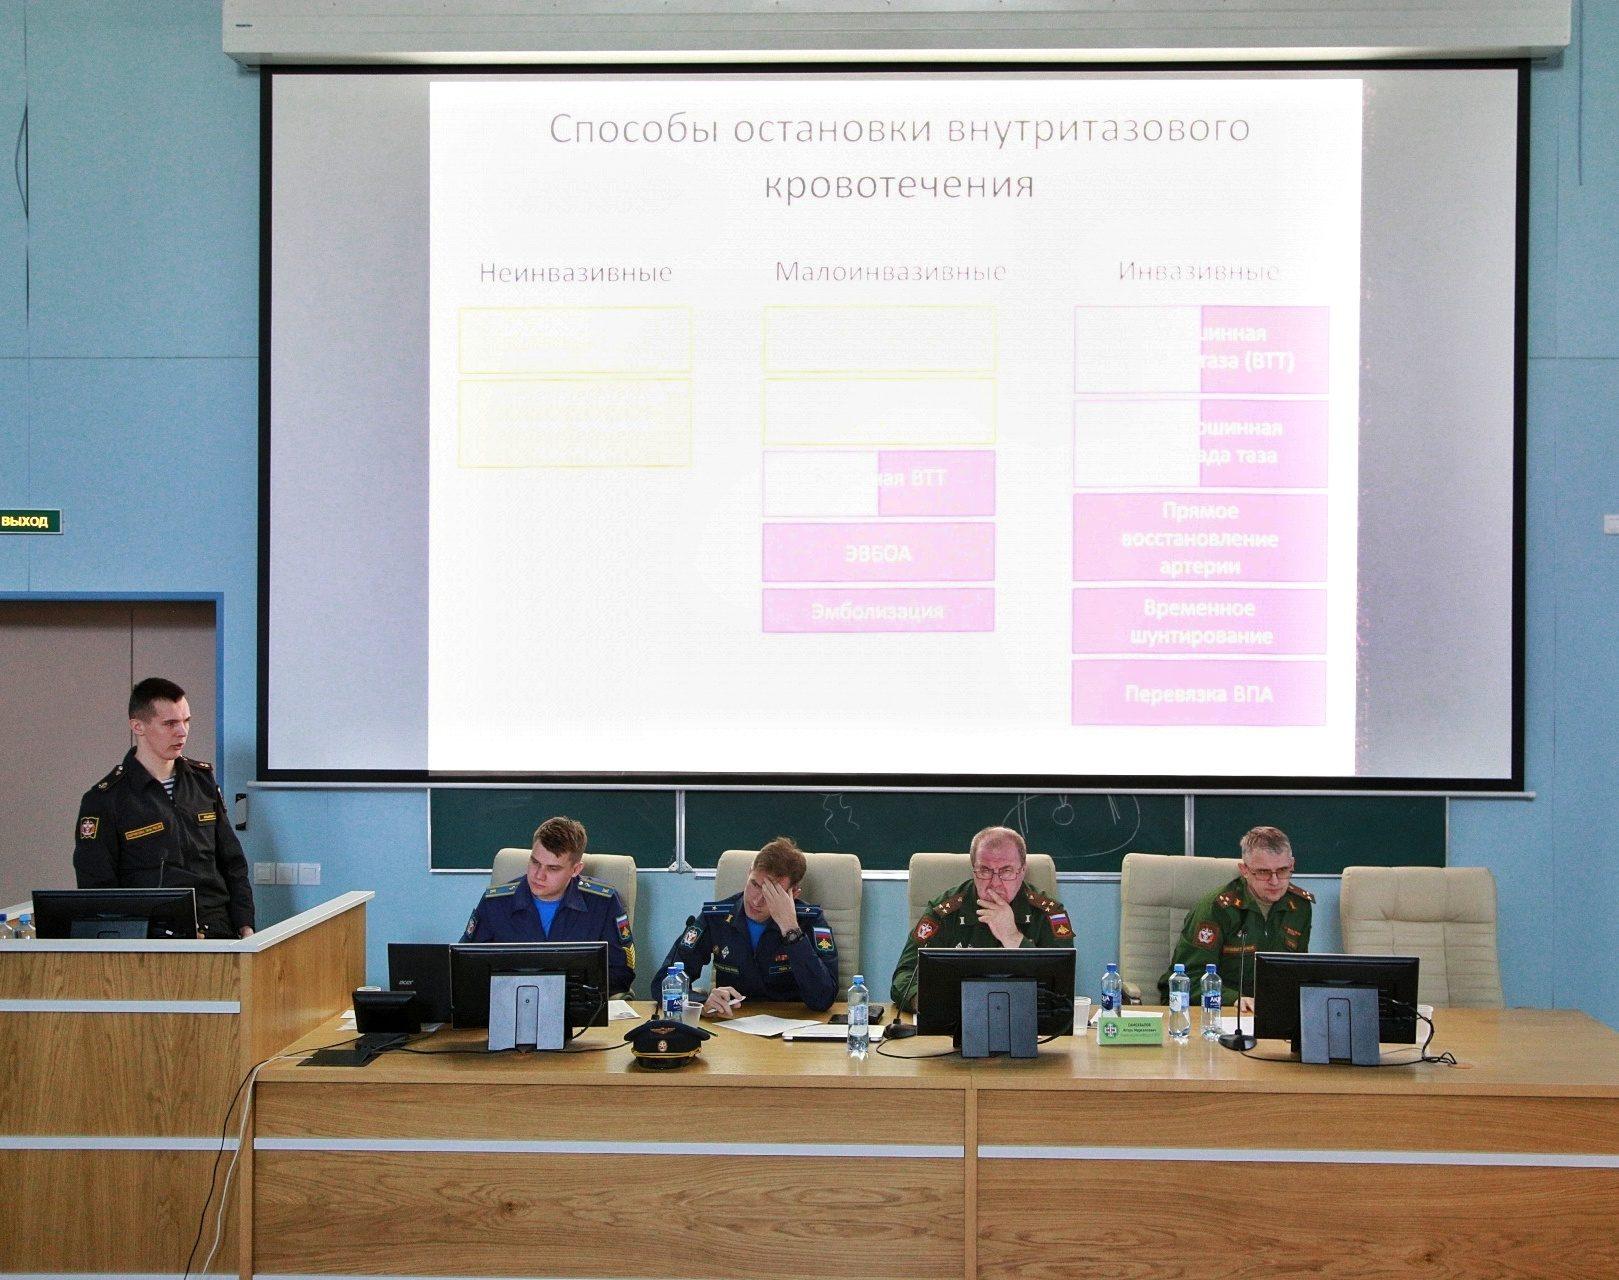 В Военно-медицинской академии состоялось итоговое заседание секции ВНОКС кафедры военно-полевой хирургии